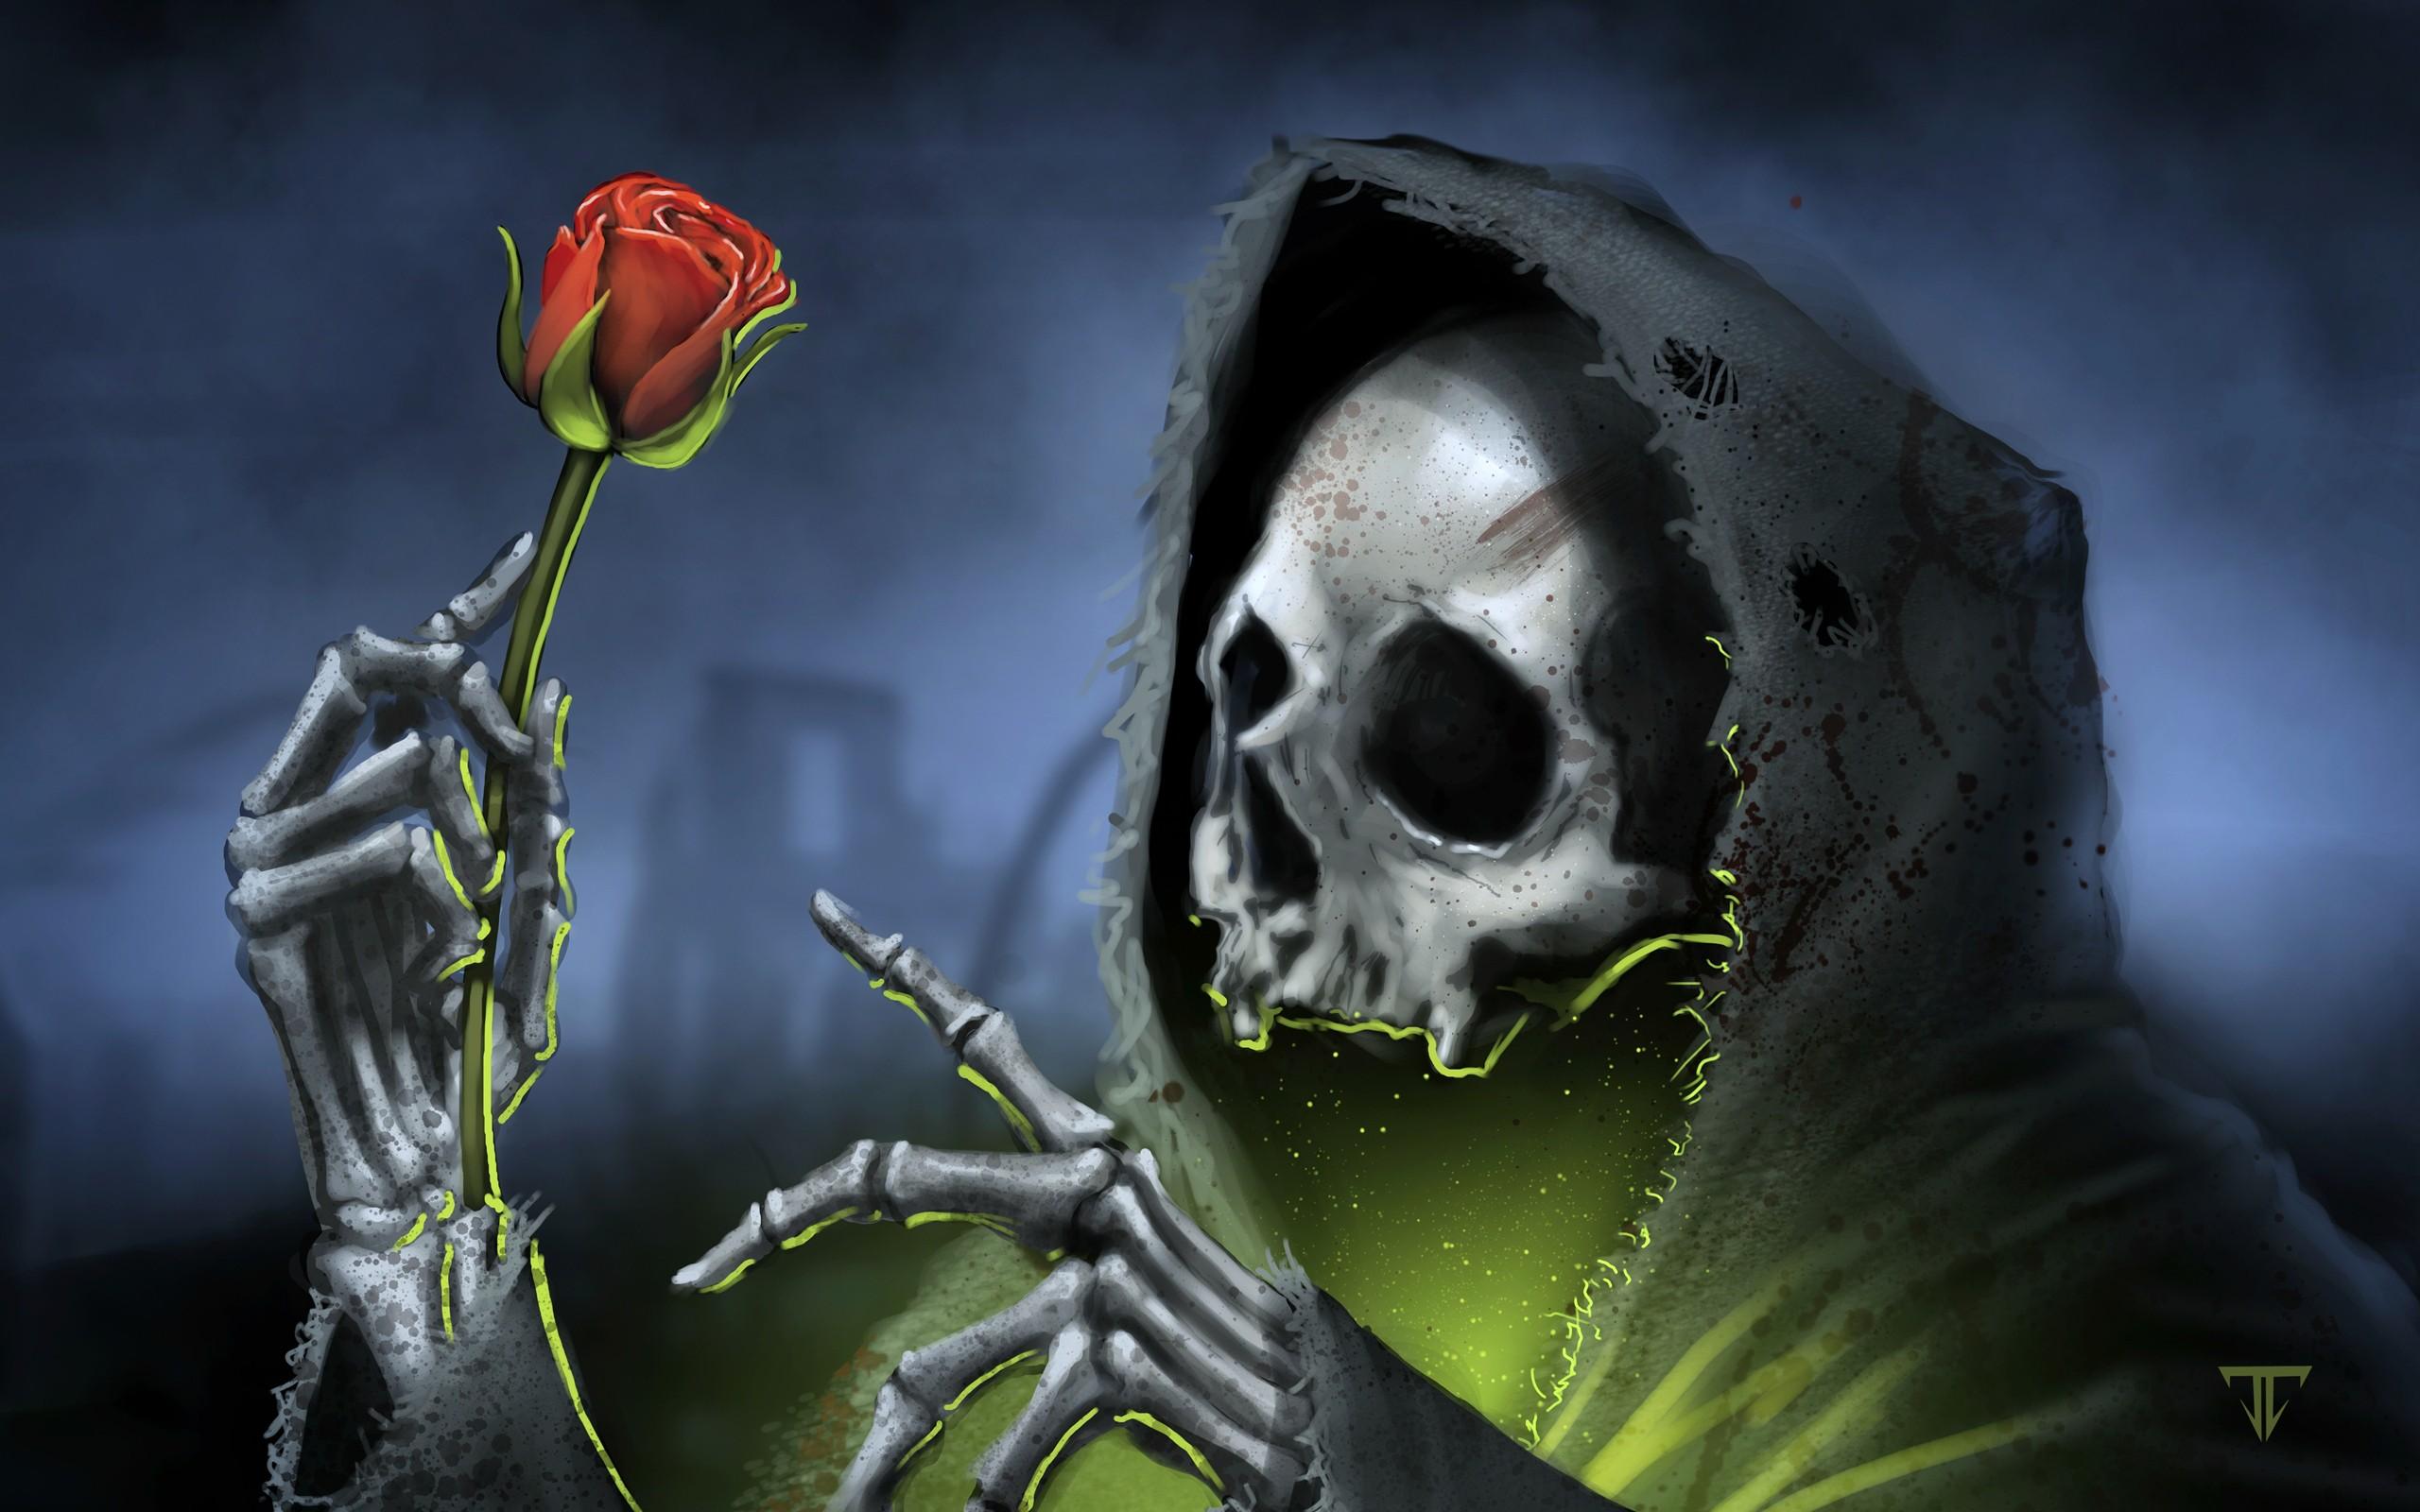 download wallpapers 2560x1600 skulls - photo #18